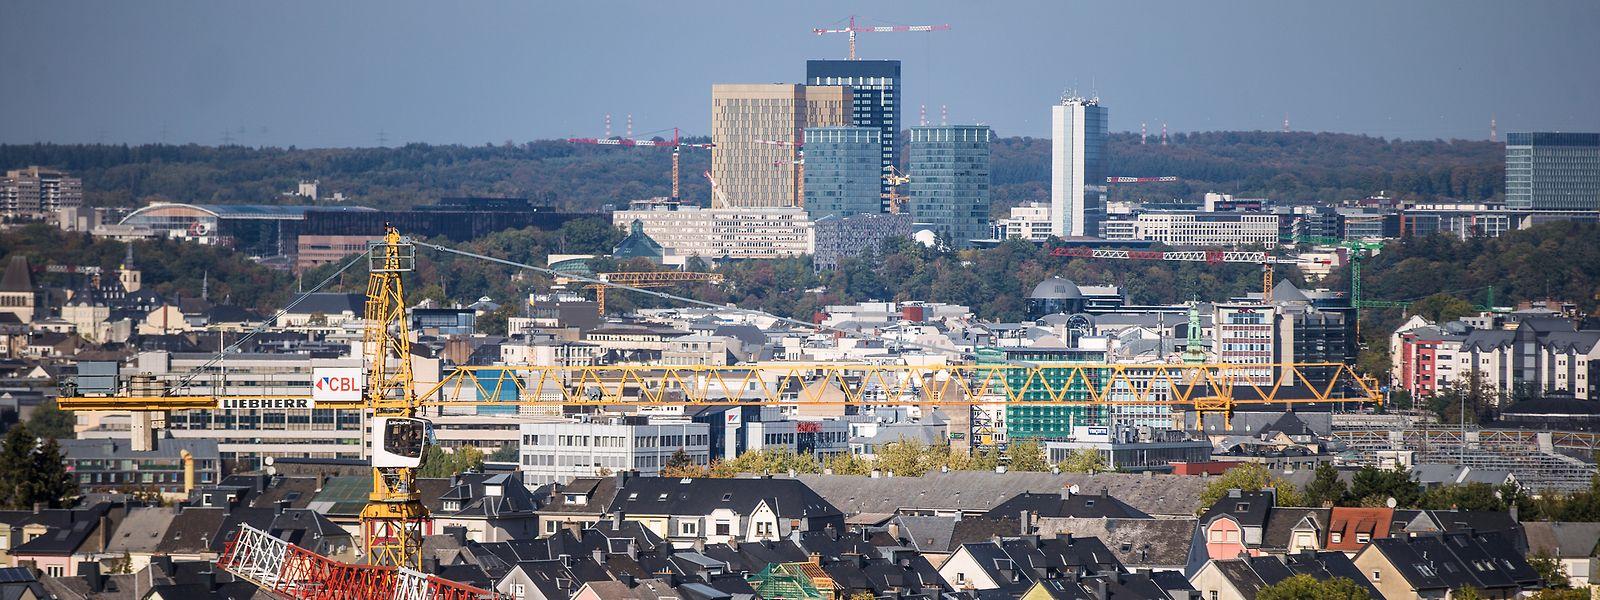 Selon la Cour des comptes européenne, basée au Luxembourg, l'écart du coût de la vie entre Bruxelles et Luxembourg se situe «autour de 15%» et non à 10,5% comme l'assure la dernière étude de la Commission, datée de 2019.